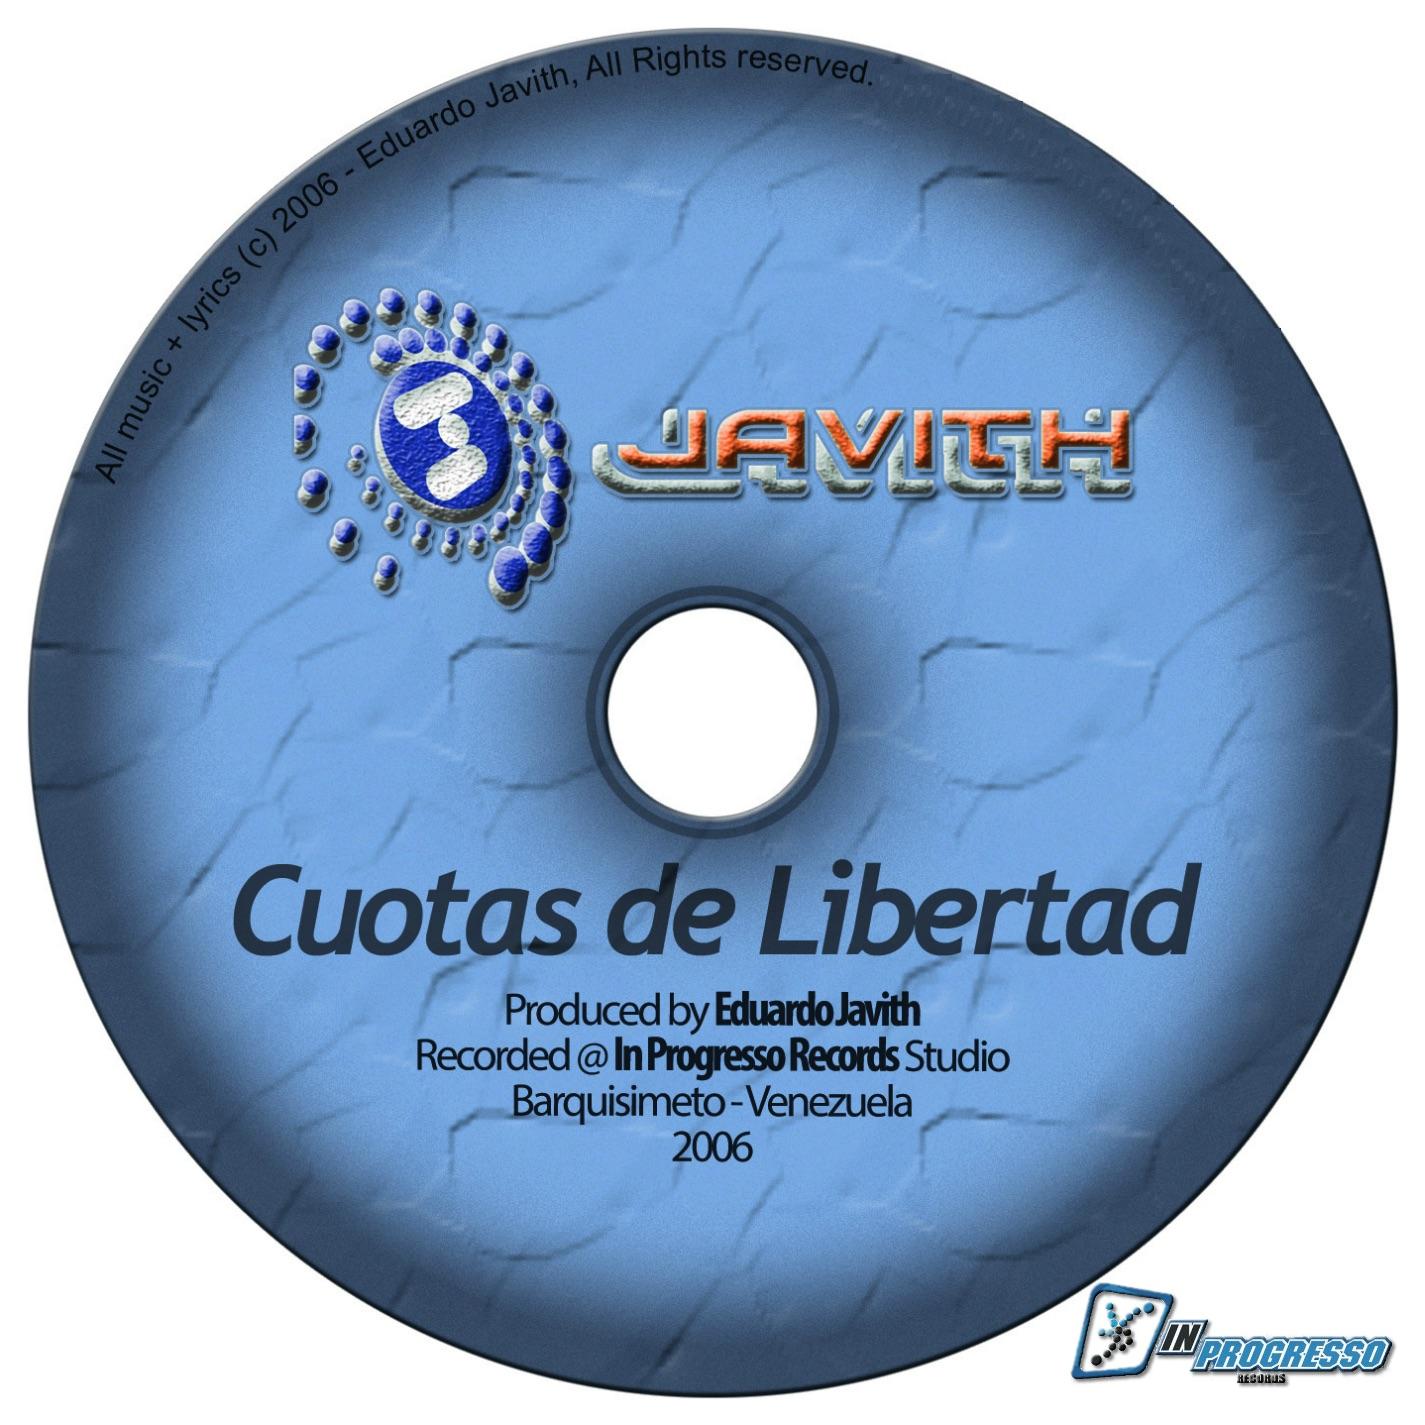 Cuotas de Libertad - Single